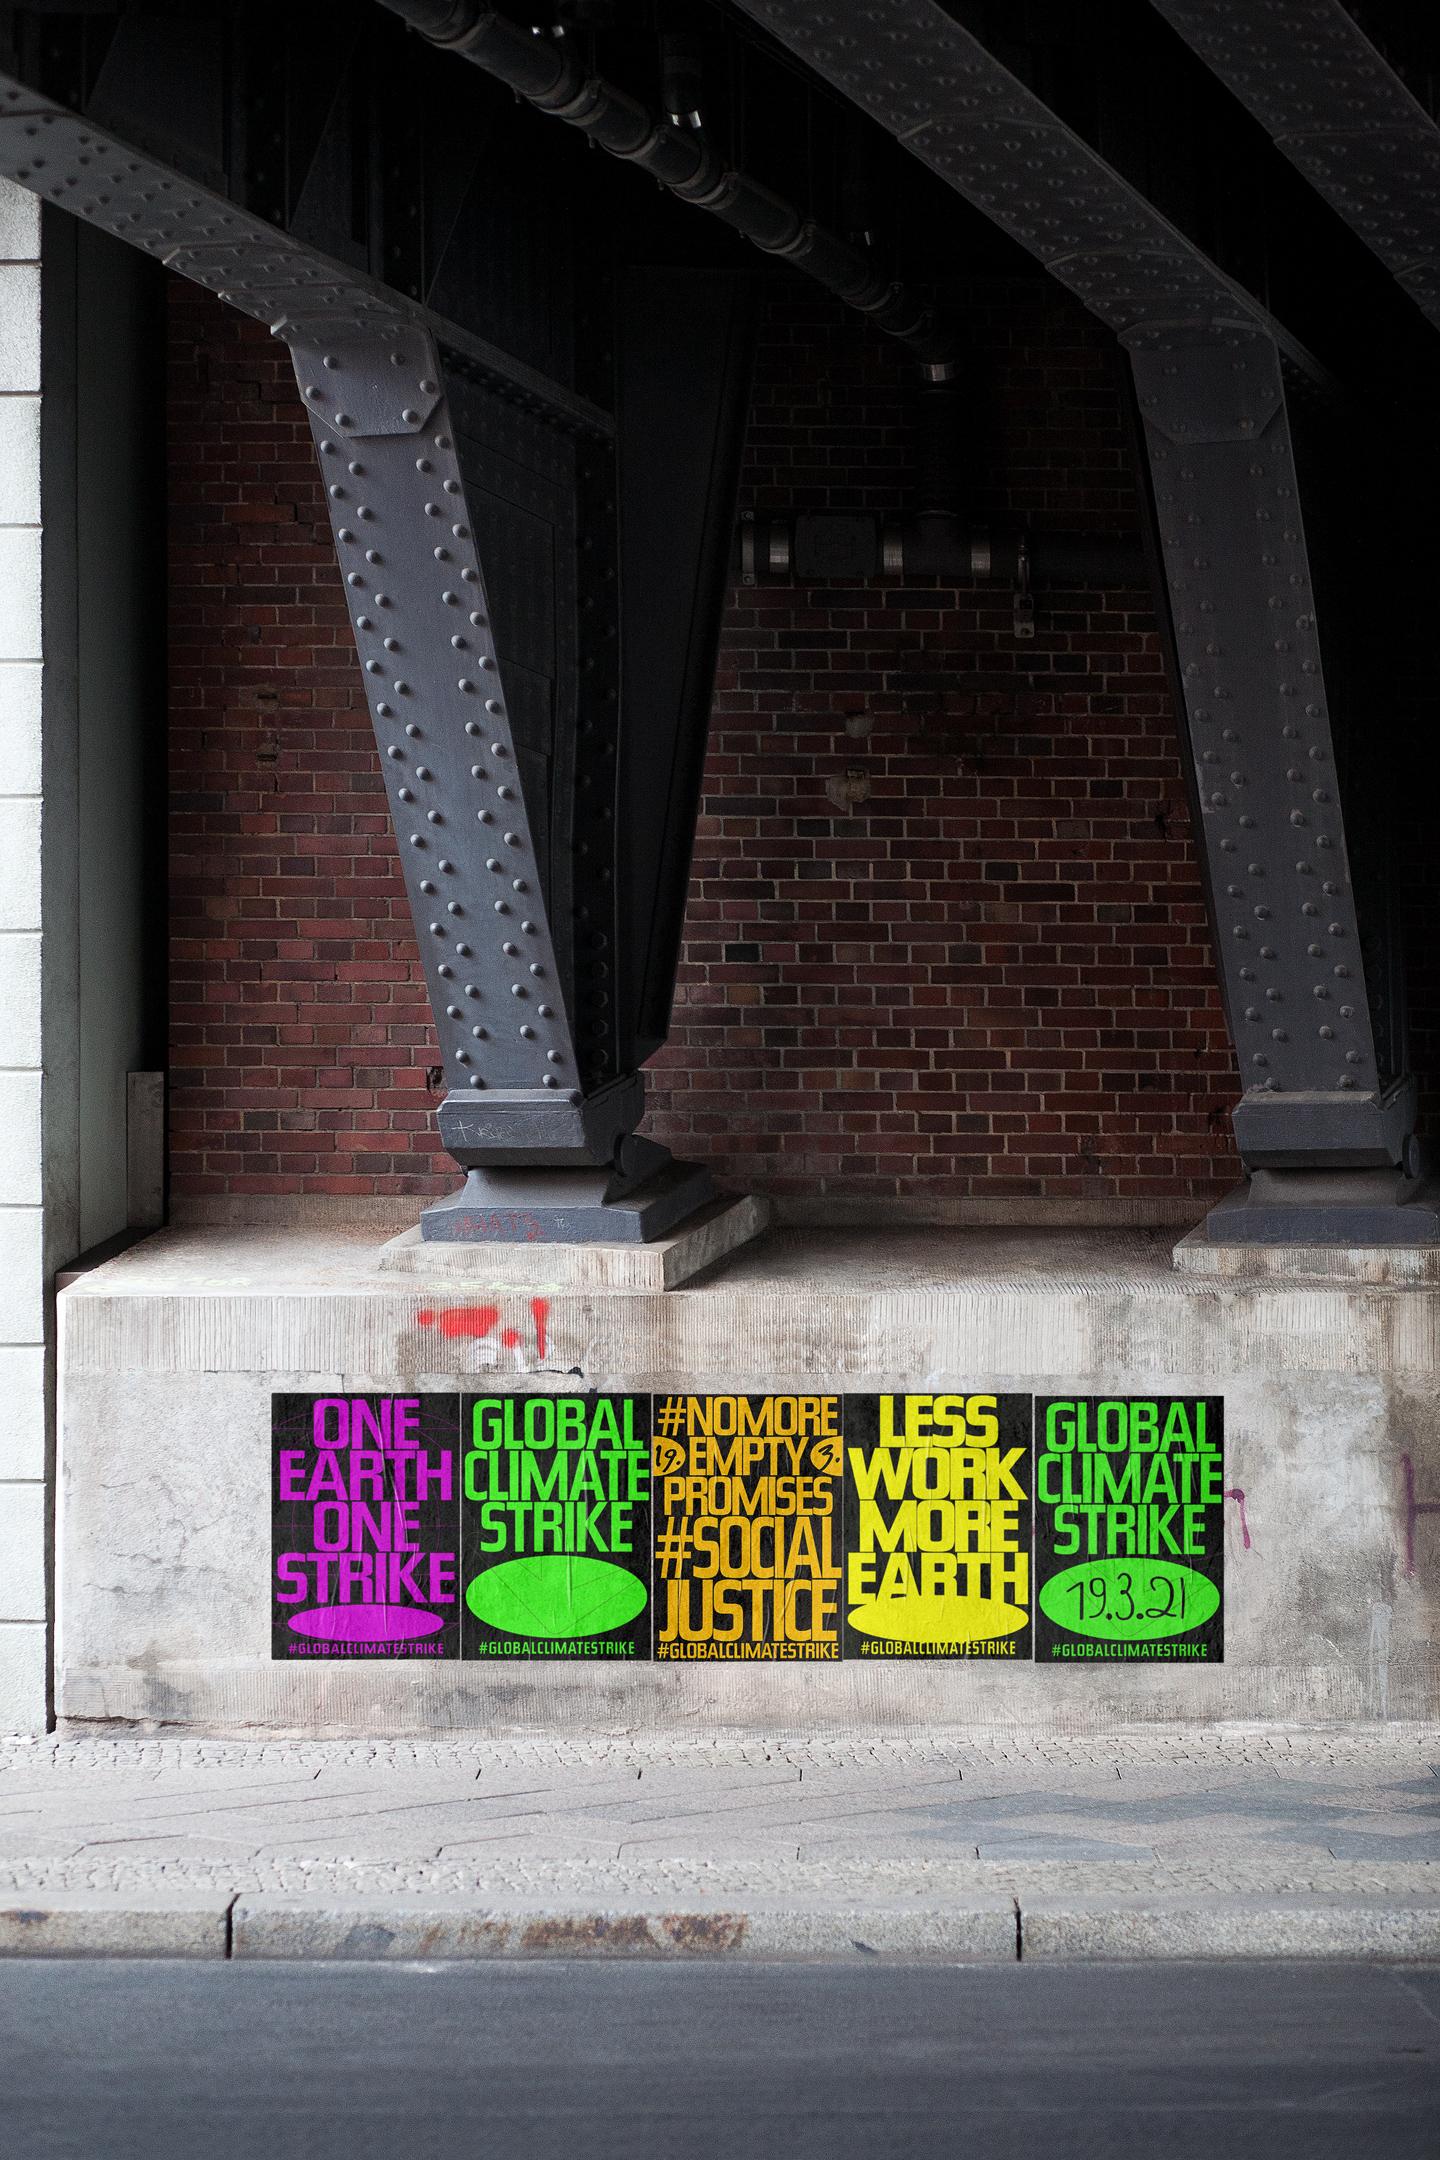 Büro Gestalten: Open Source Poster-Design zum selbst ausdrucken und individualisieren für #globalclimatestrike (5 Motive Straßen-Mockup, Brücke, hochformatig)